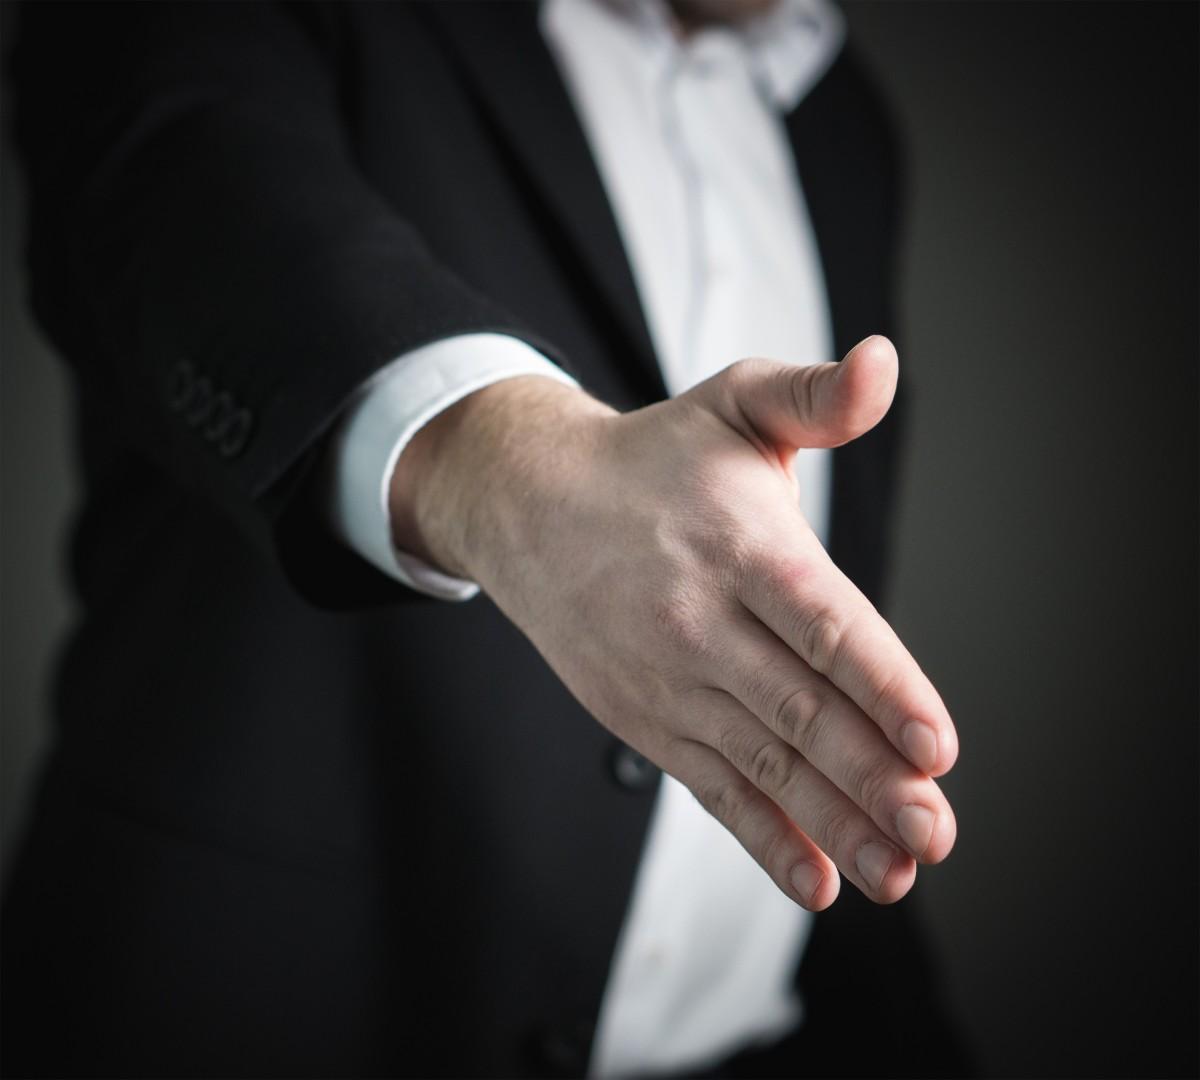 Vendre une entreprise : les conseils importants